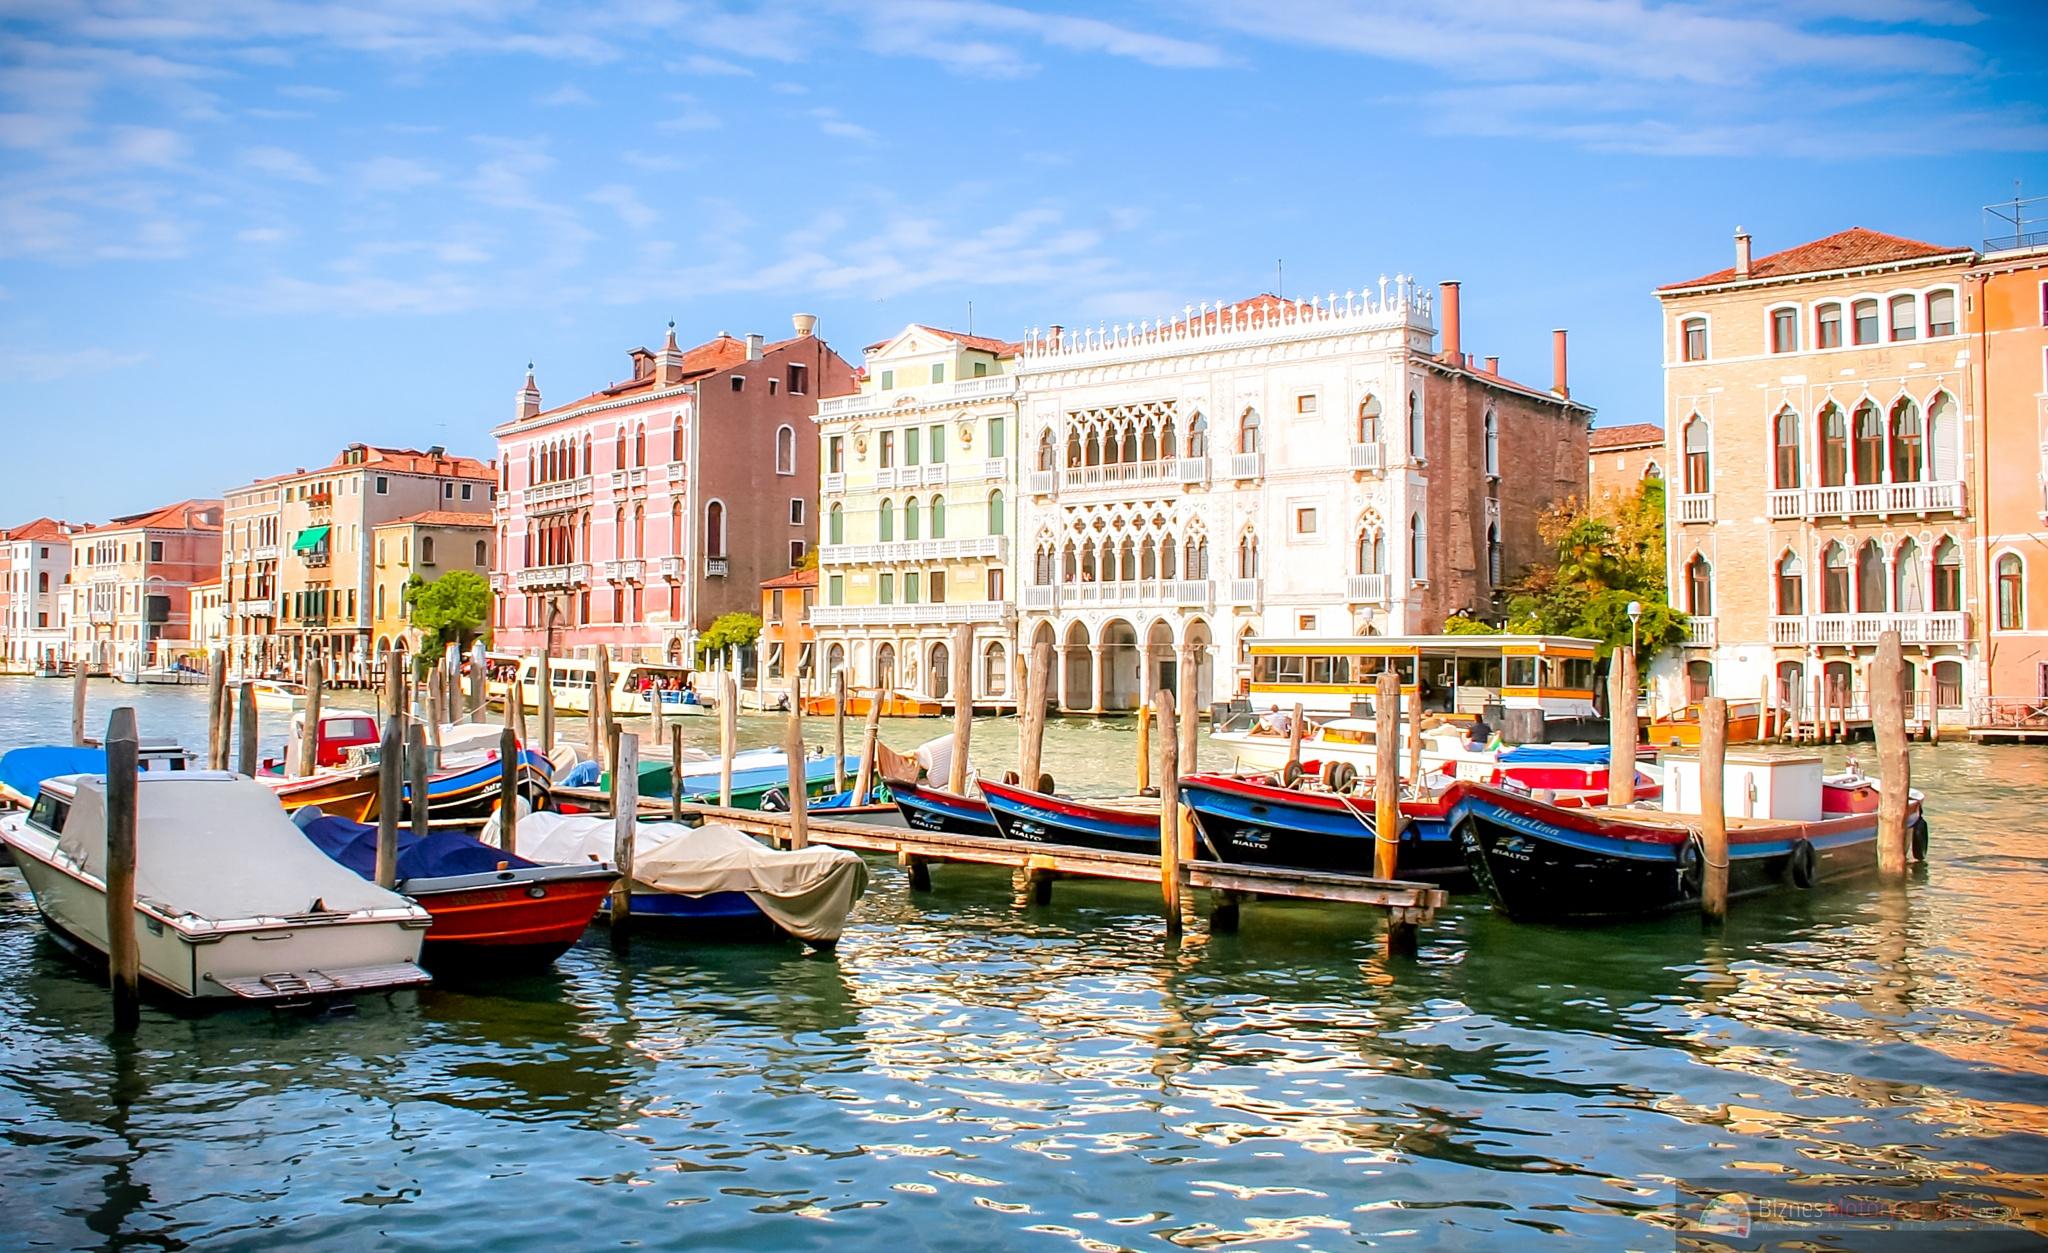 Venice by PanFotograf